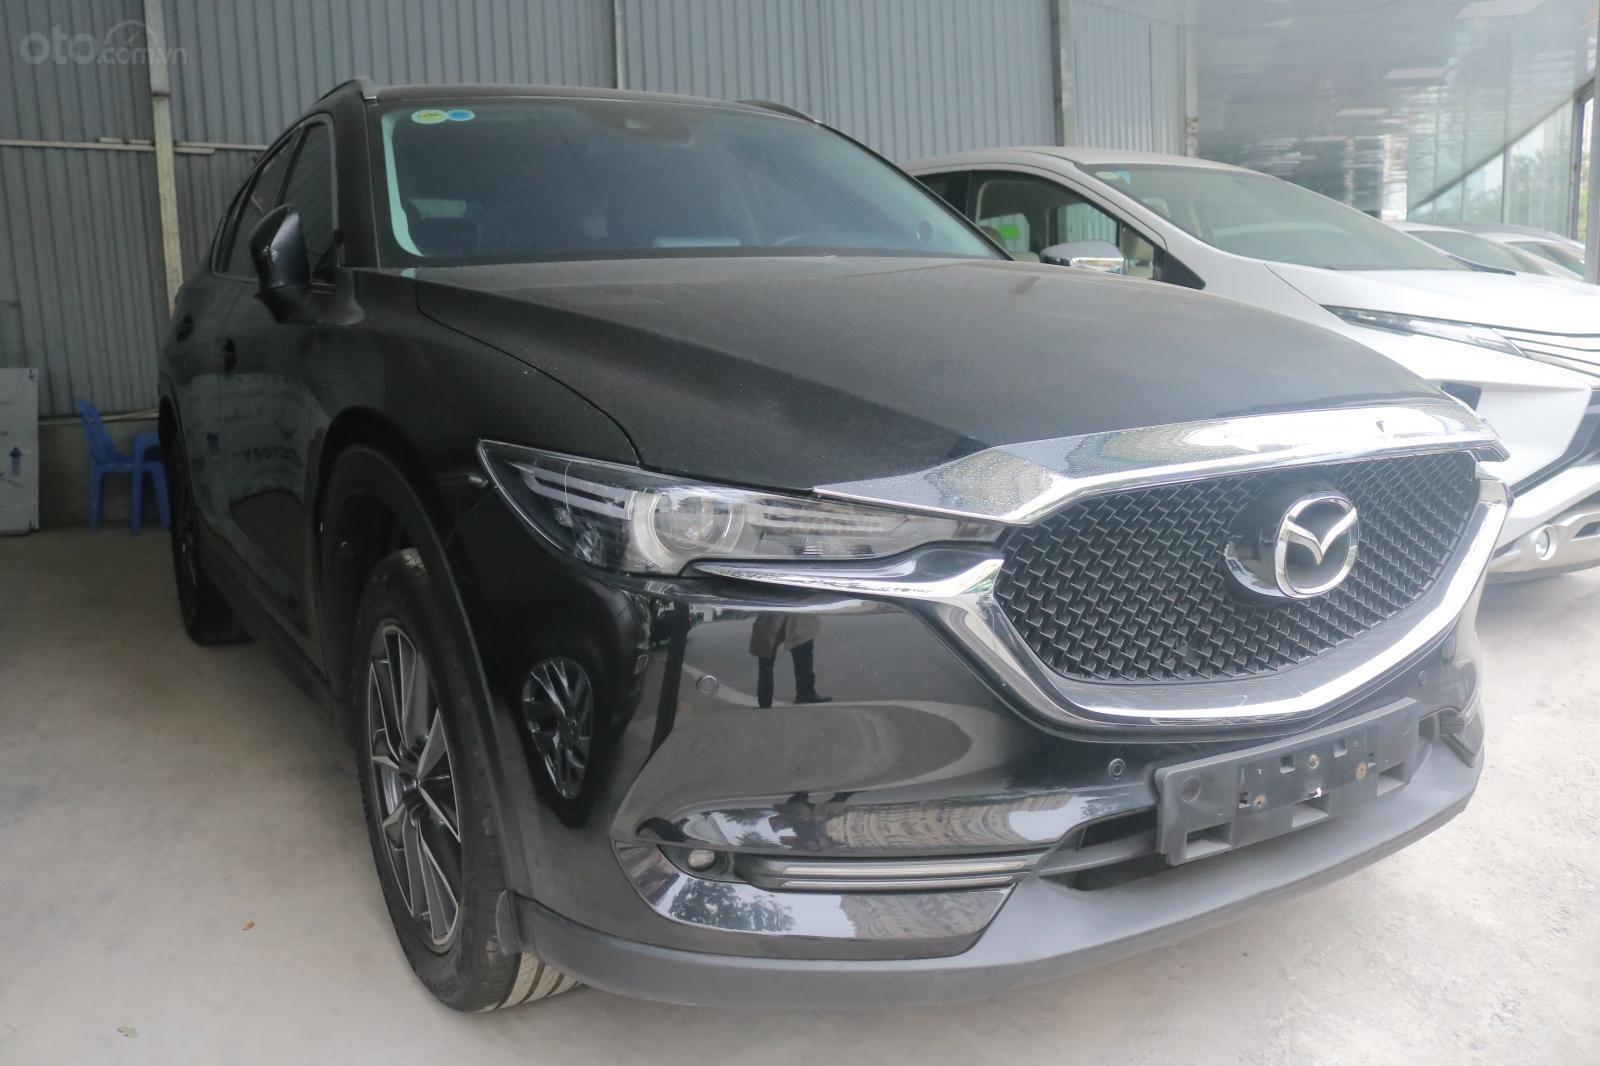 Bán ô tô Mazda CX 5 năm 2018, màu đen, giá chỉ 815 triệu (1)